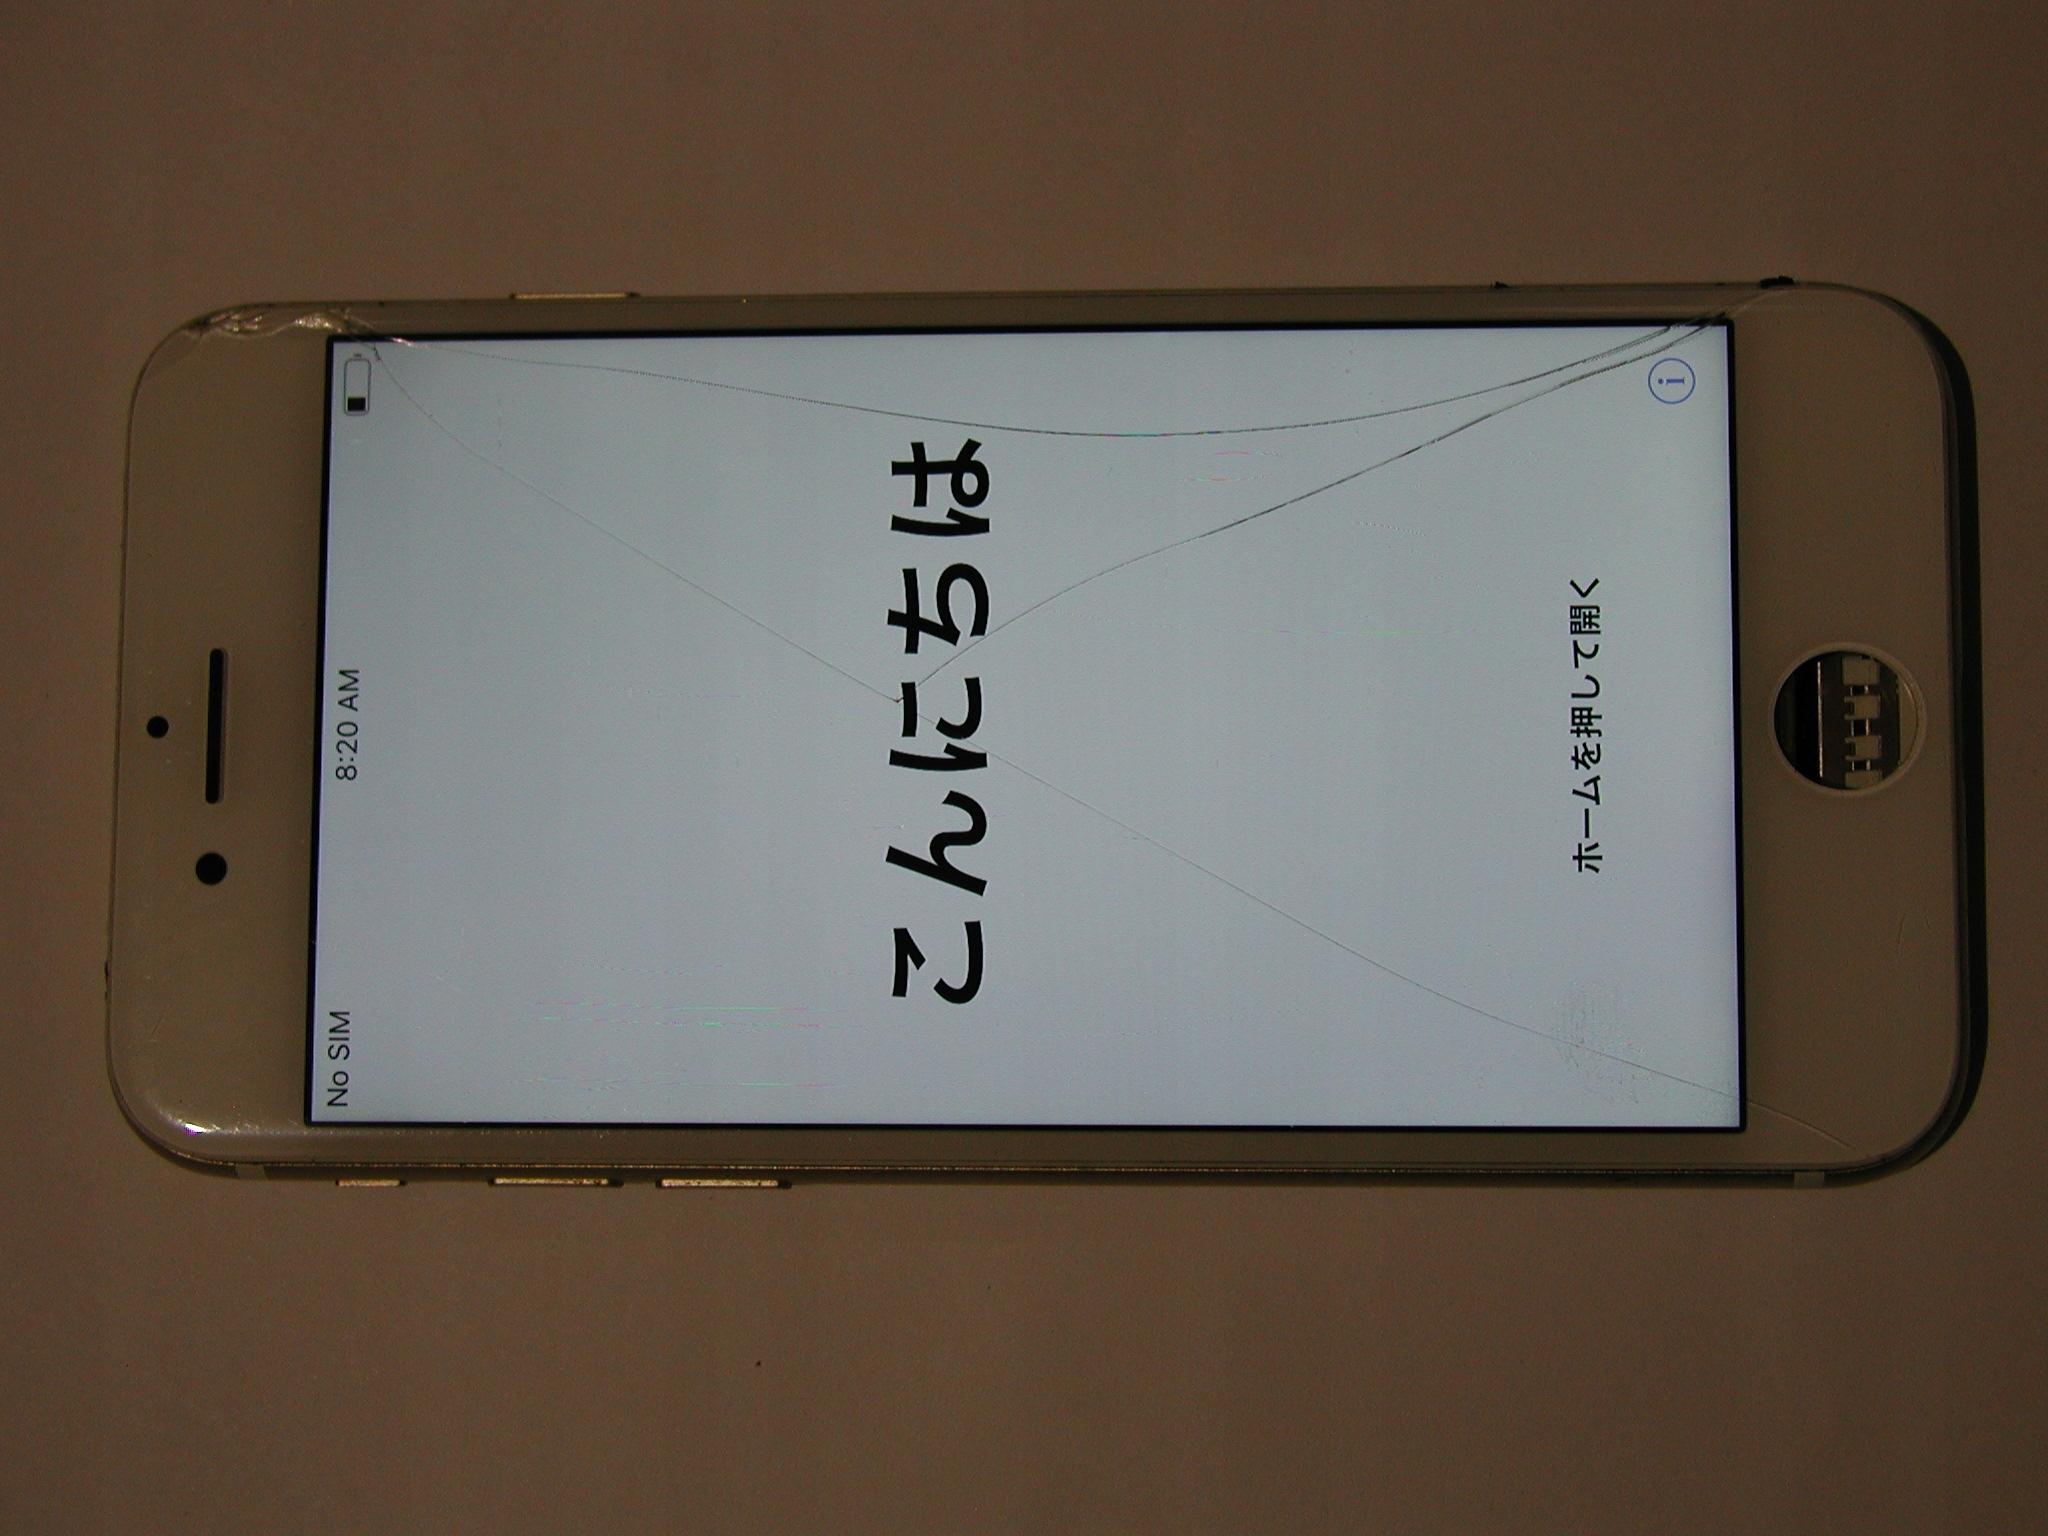 Wyświetlacz iphone 7 zbita szybka org.